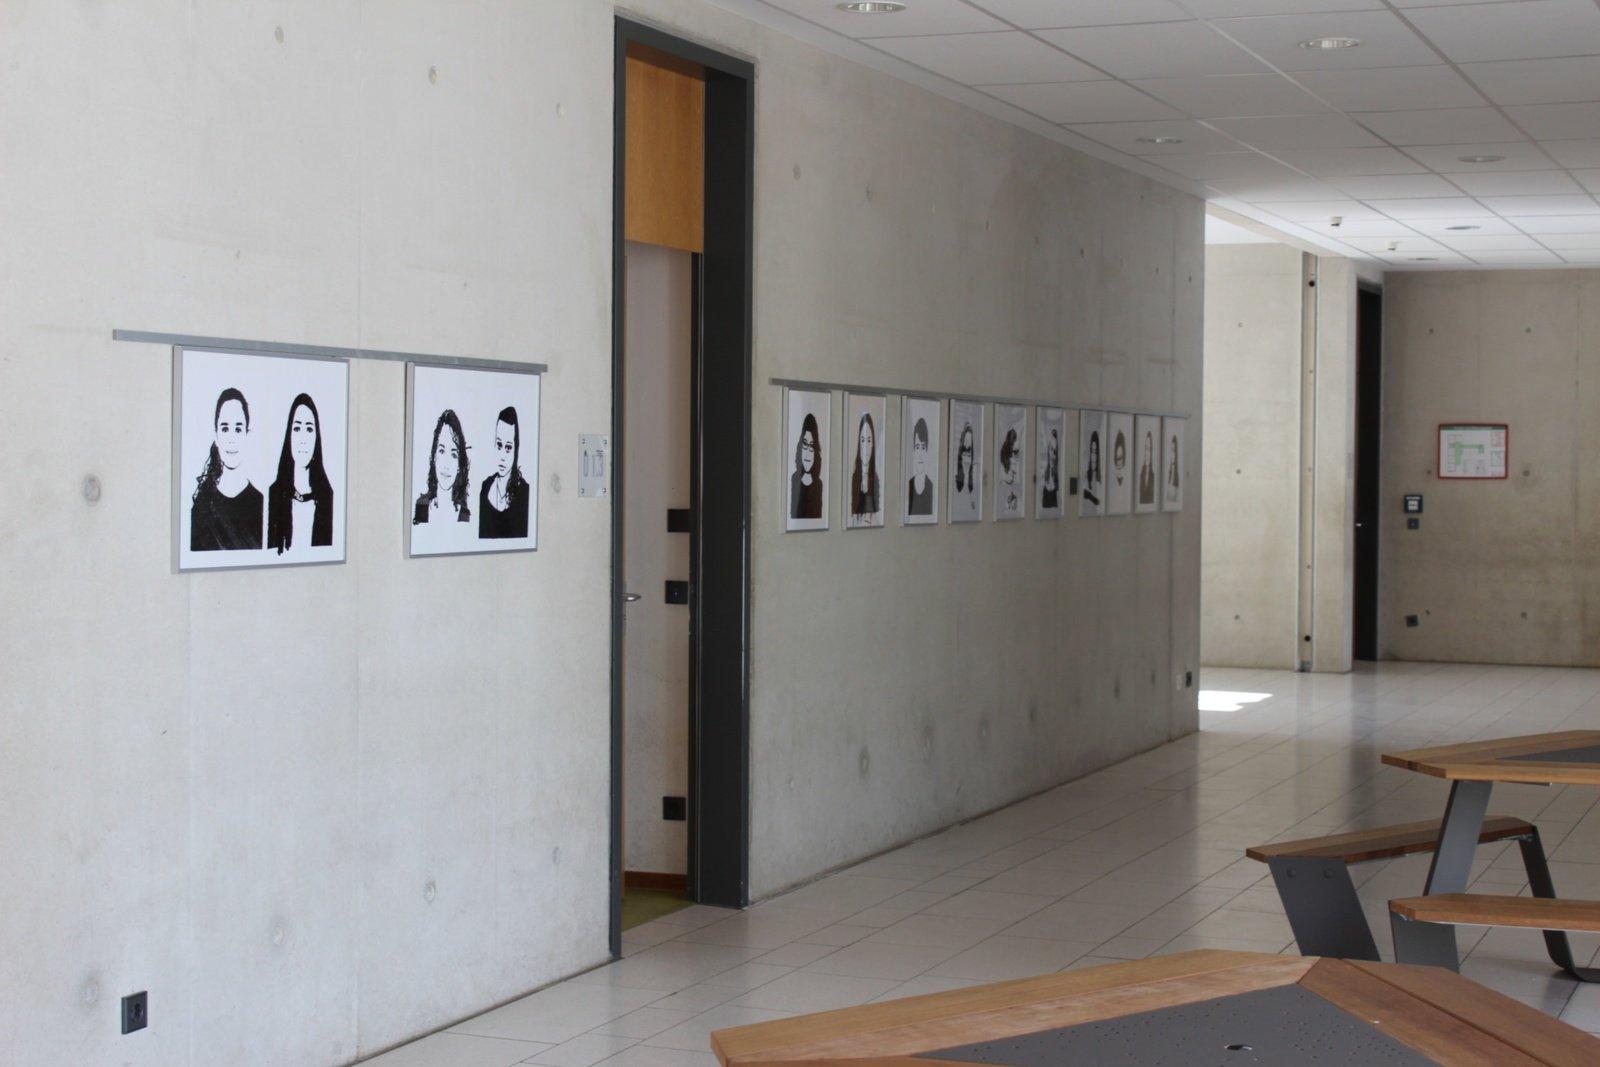 Aktuell | Ursulinenrealschule Köln